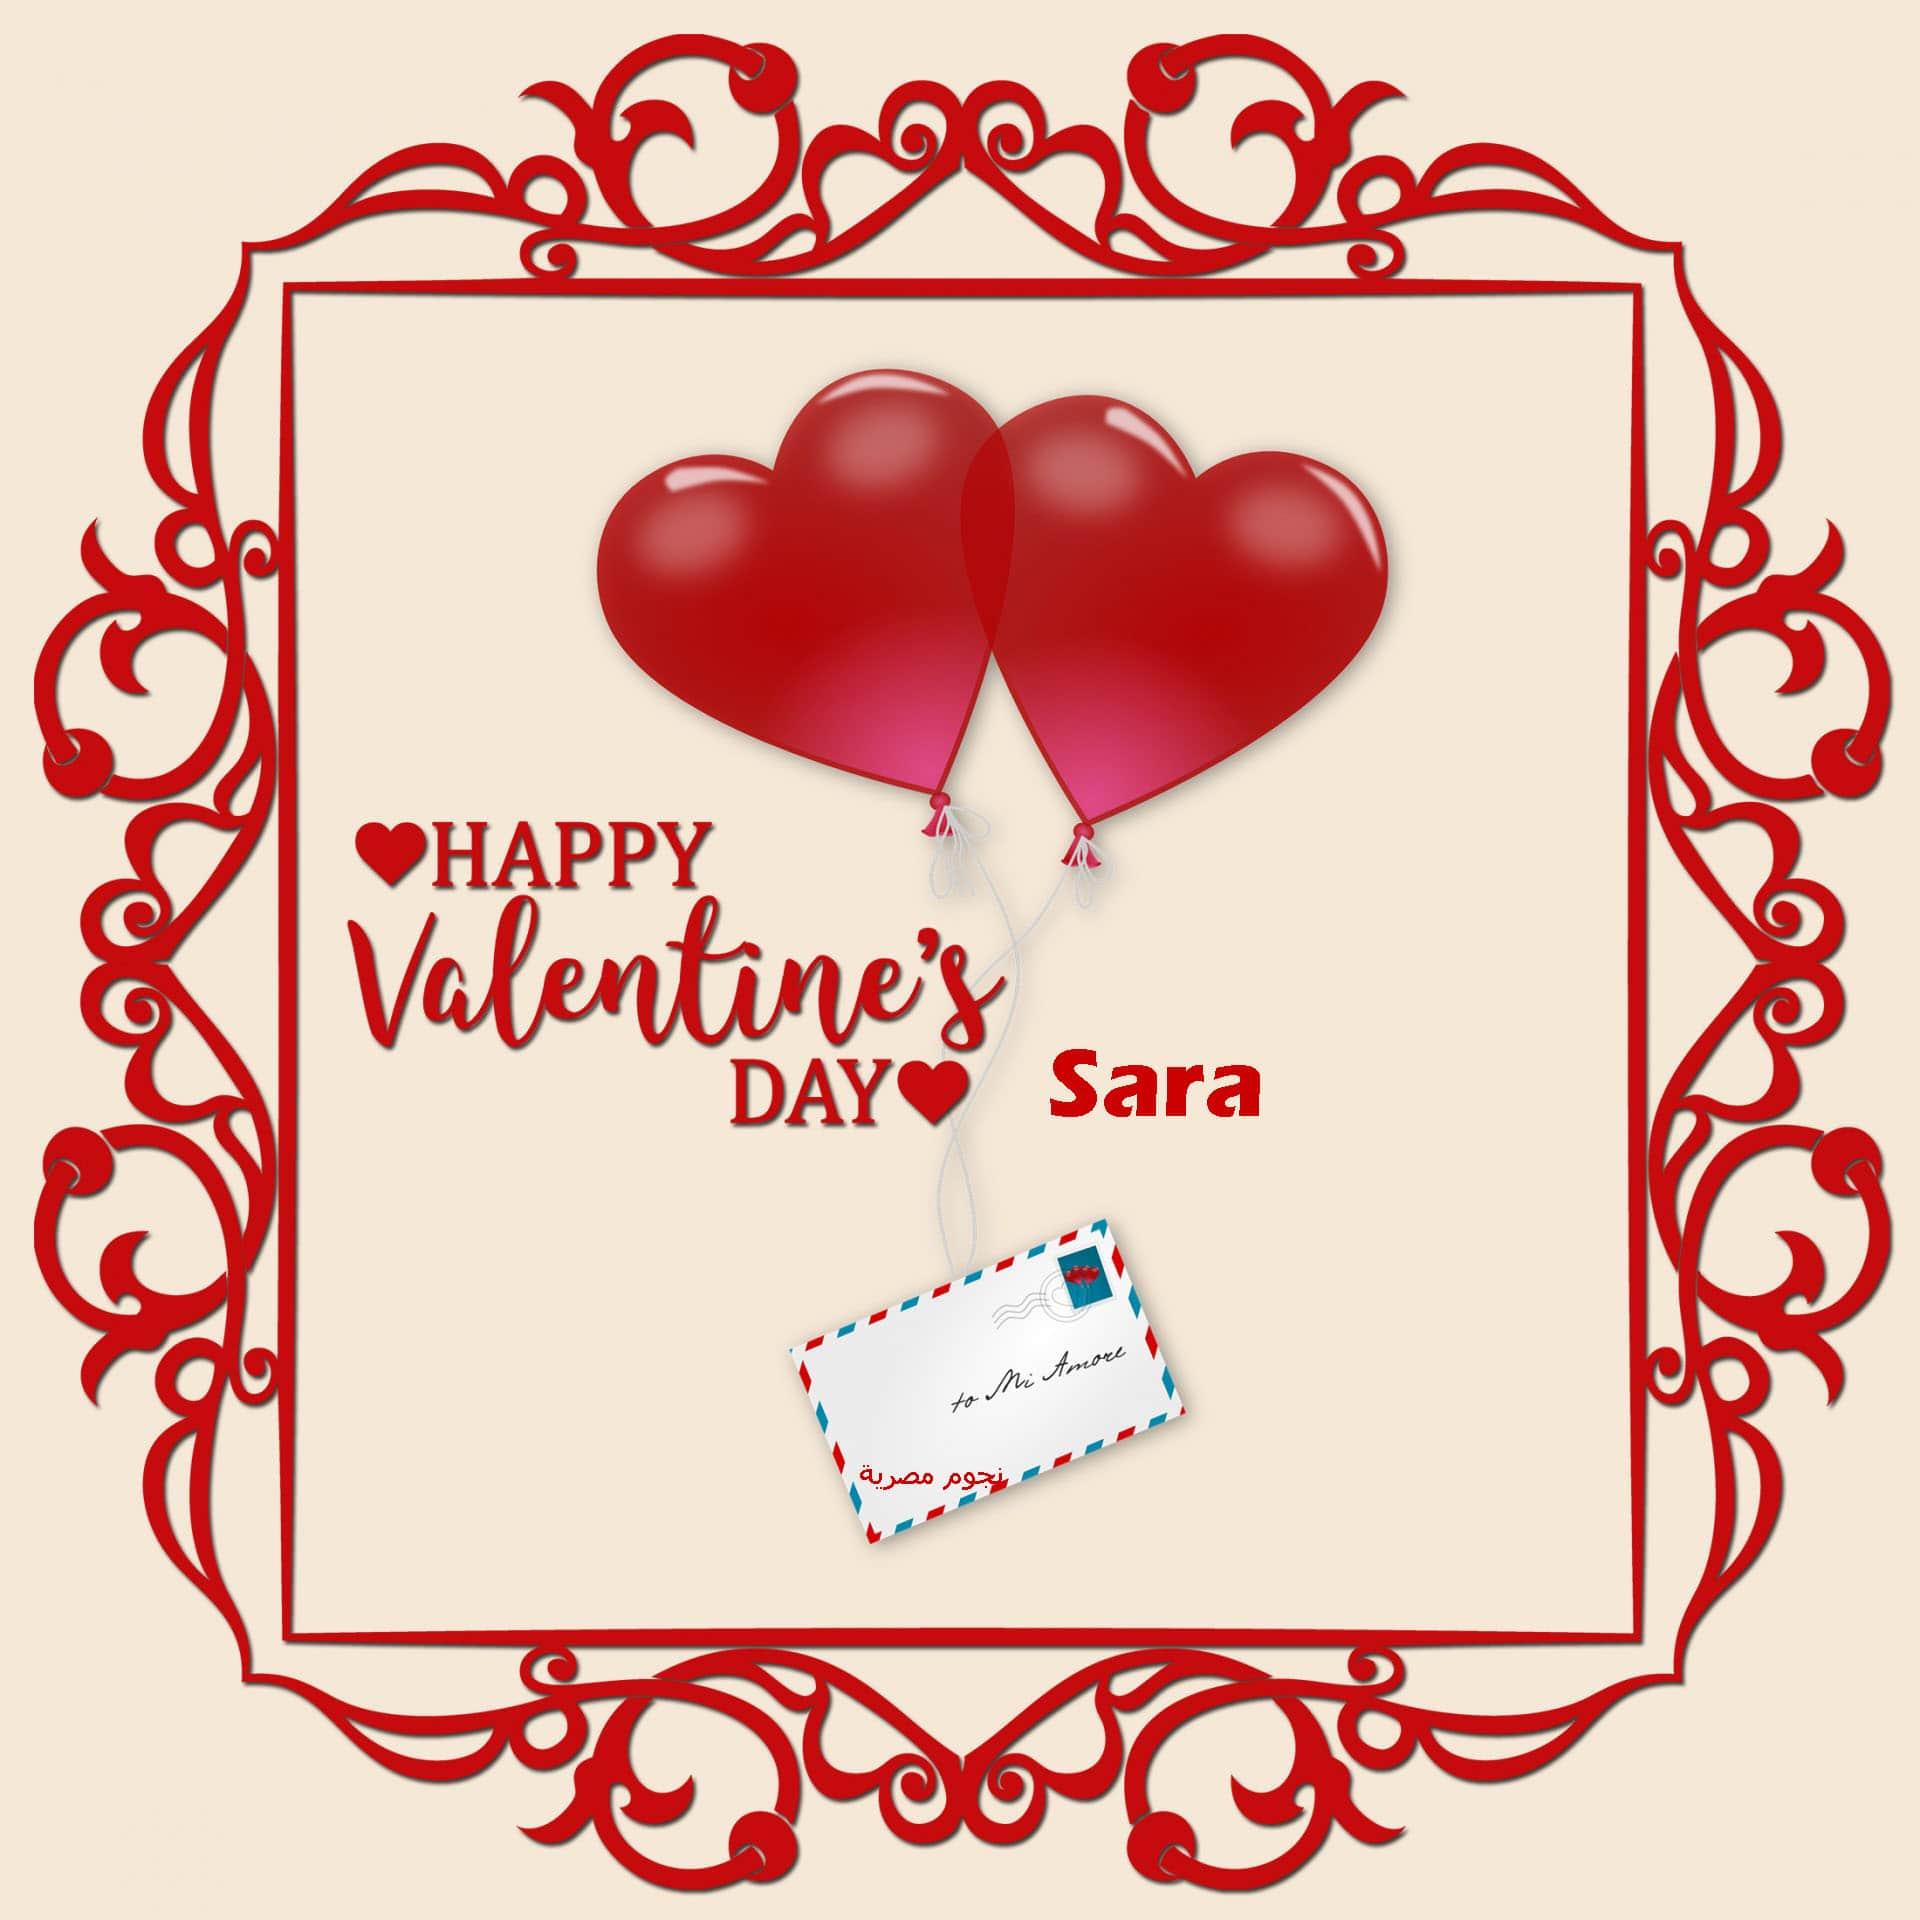 بالصور رسائل عن الحب , صور لعيد الحب 5203 11